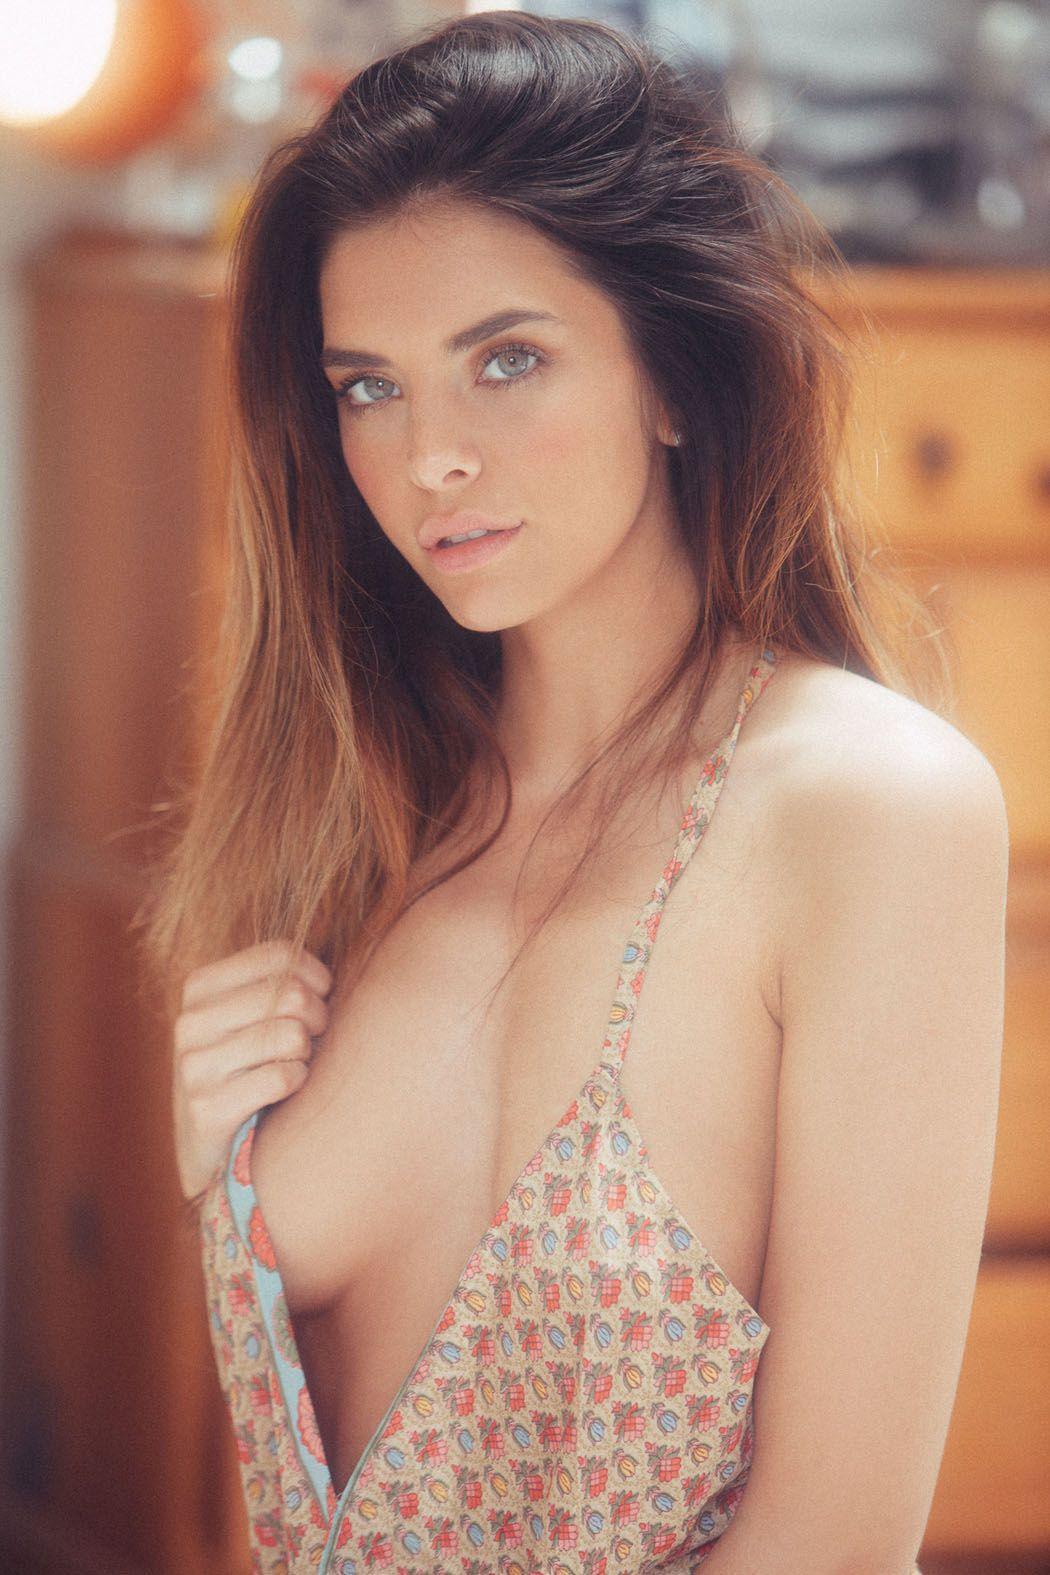 Hacked Jasmine Alleva nude photos 2019